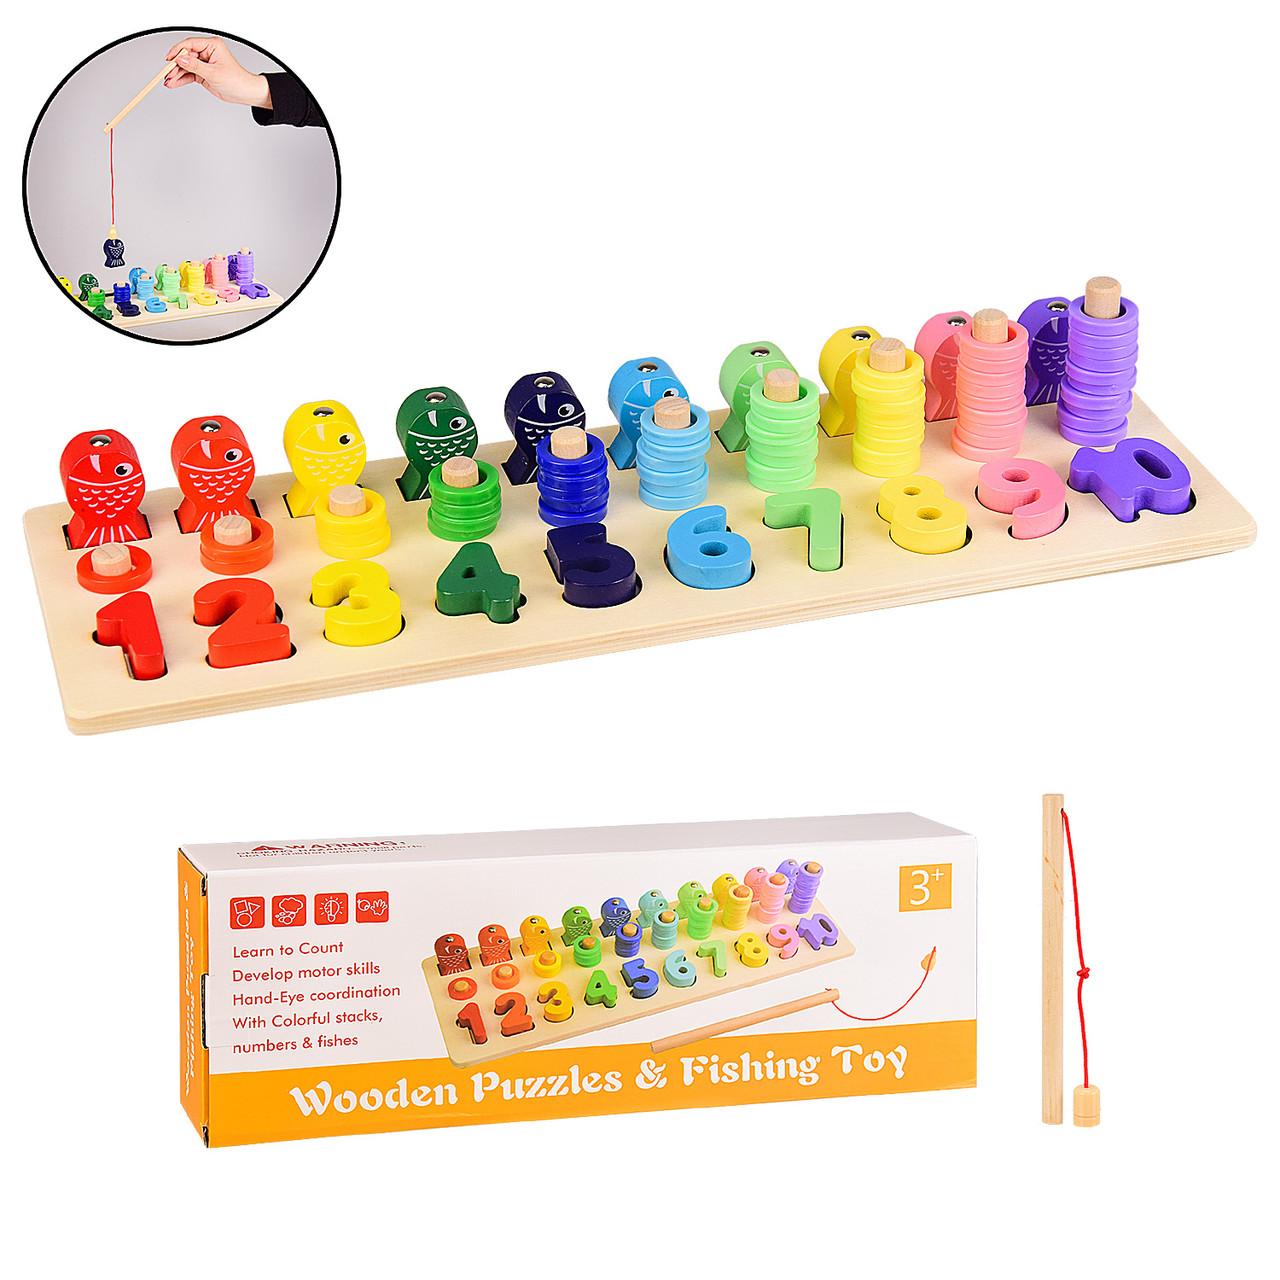 """Деревянная игрушка """"Wooden Puzzles Fishing Toy"""" Деревянная рыбалка обучающая доска 3в1, пирамидки, цифры,"""